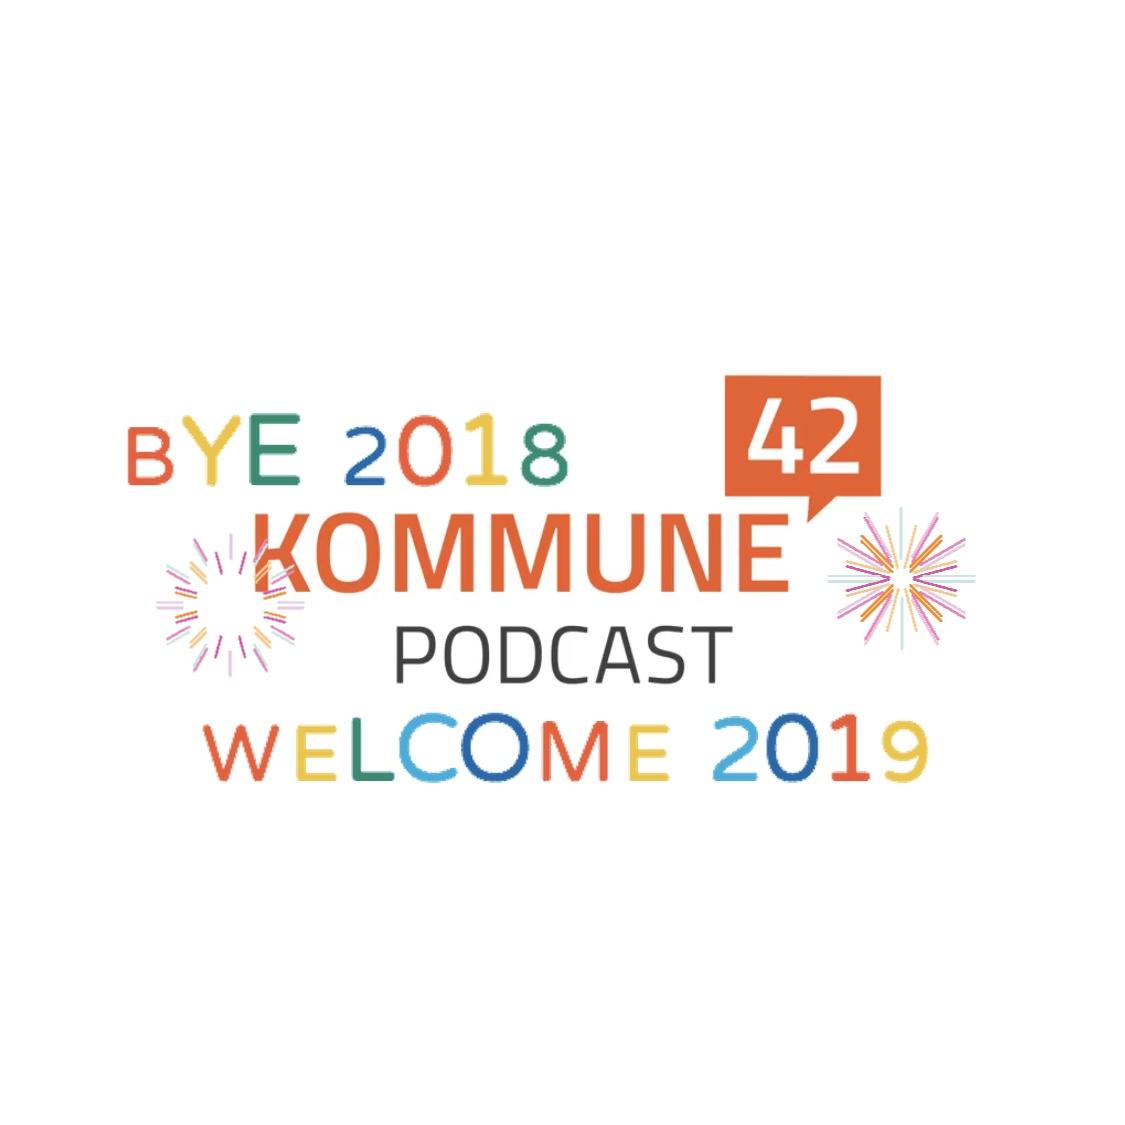 KoMu005: Menschen, Sahnestücke, Waterloos – der große Kommune 42 – Jahresrückblick 2018